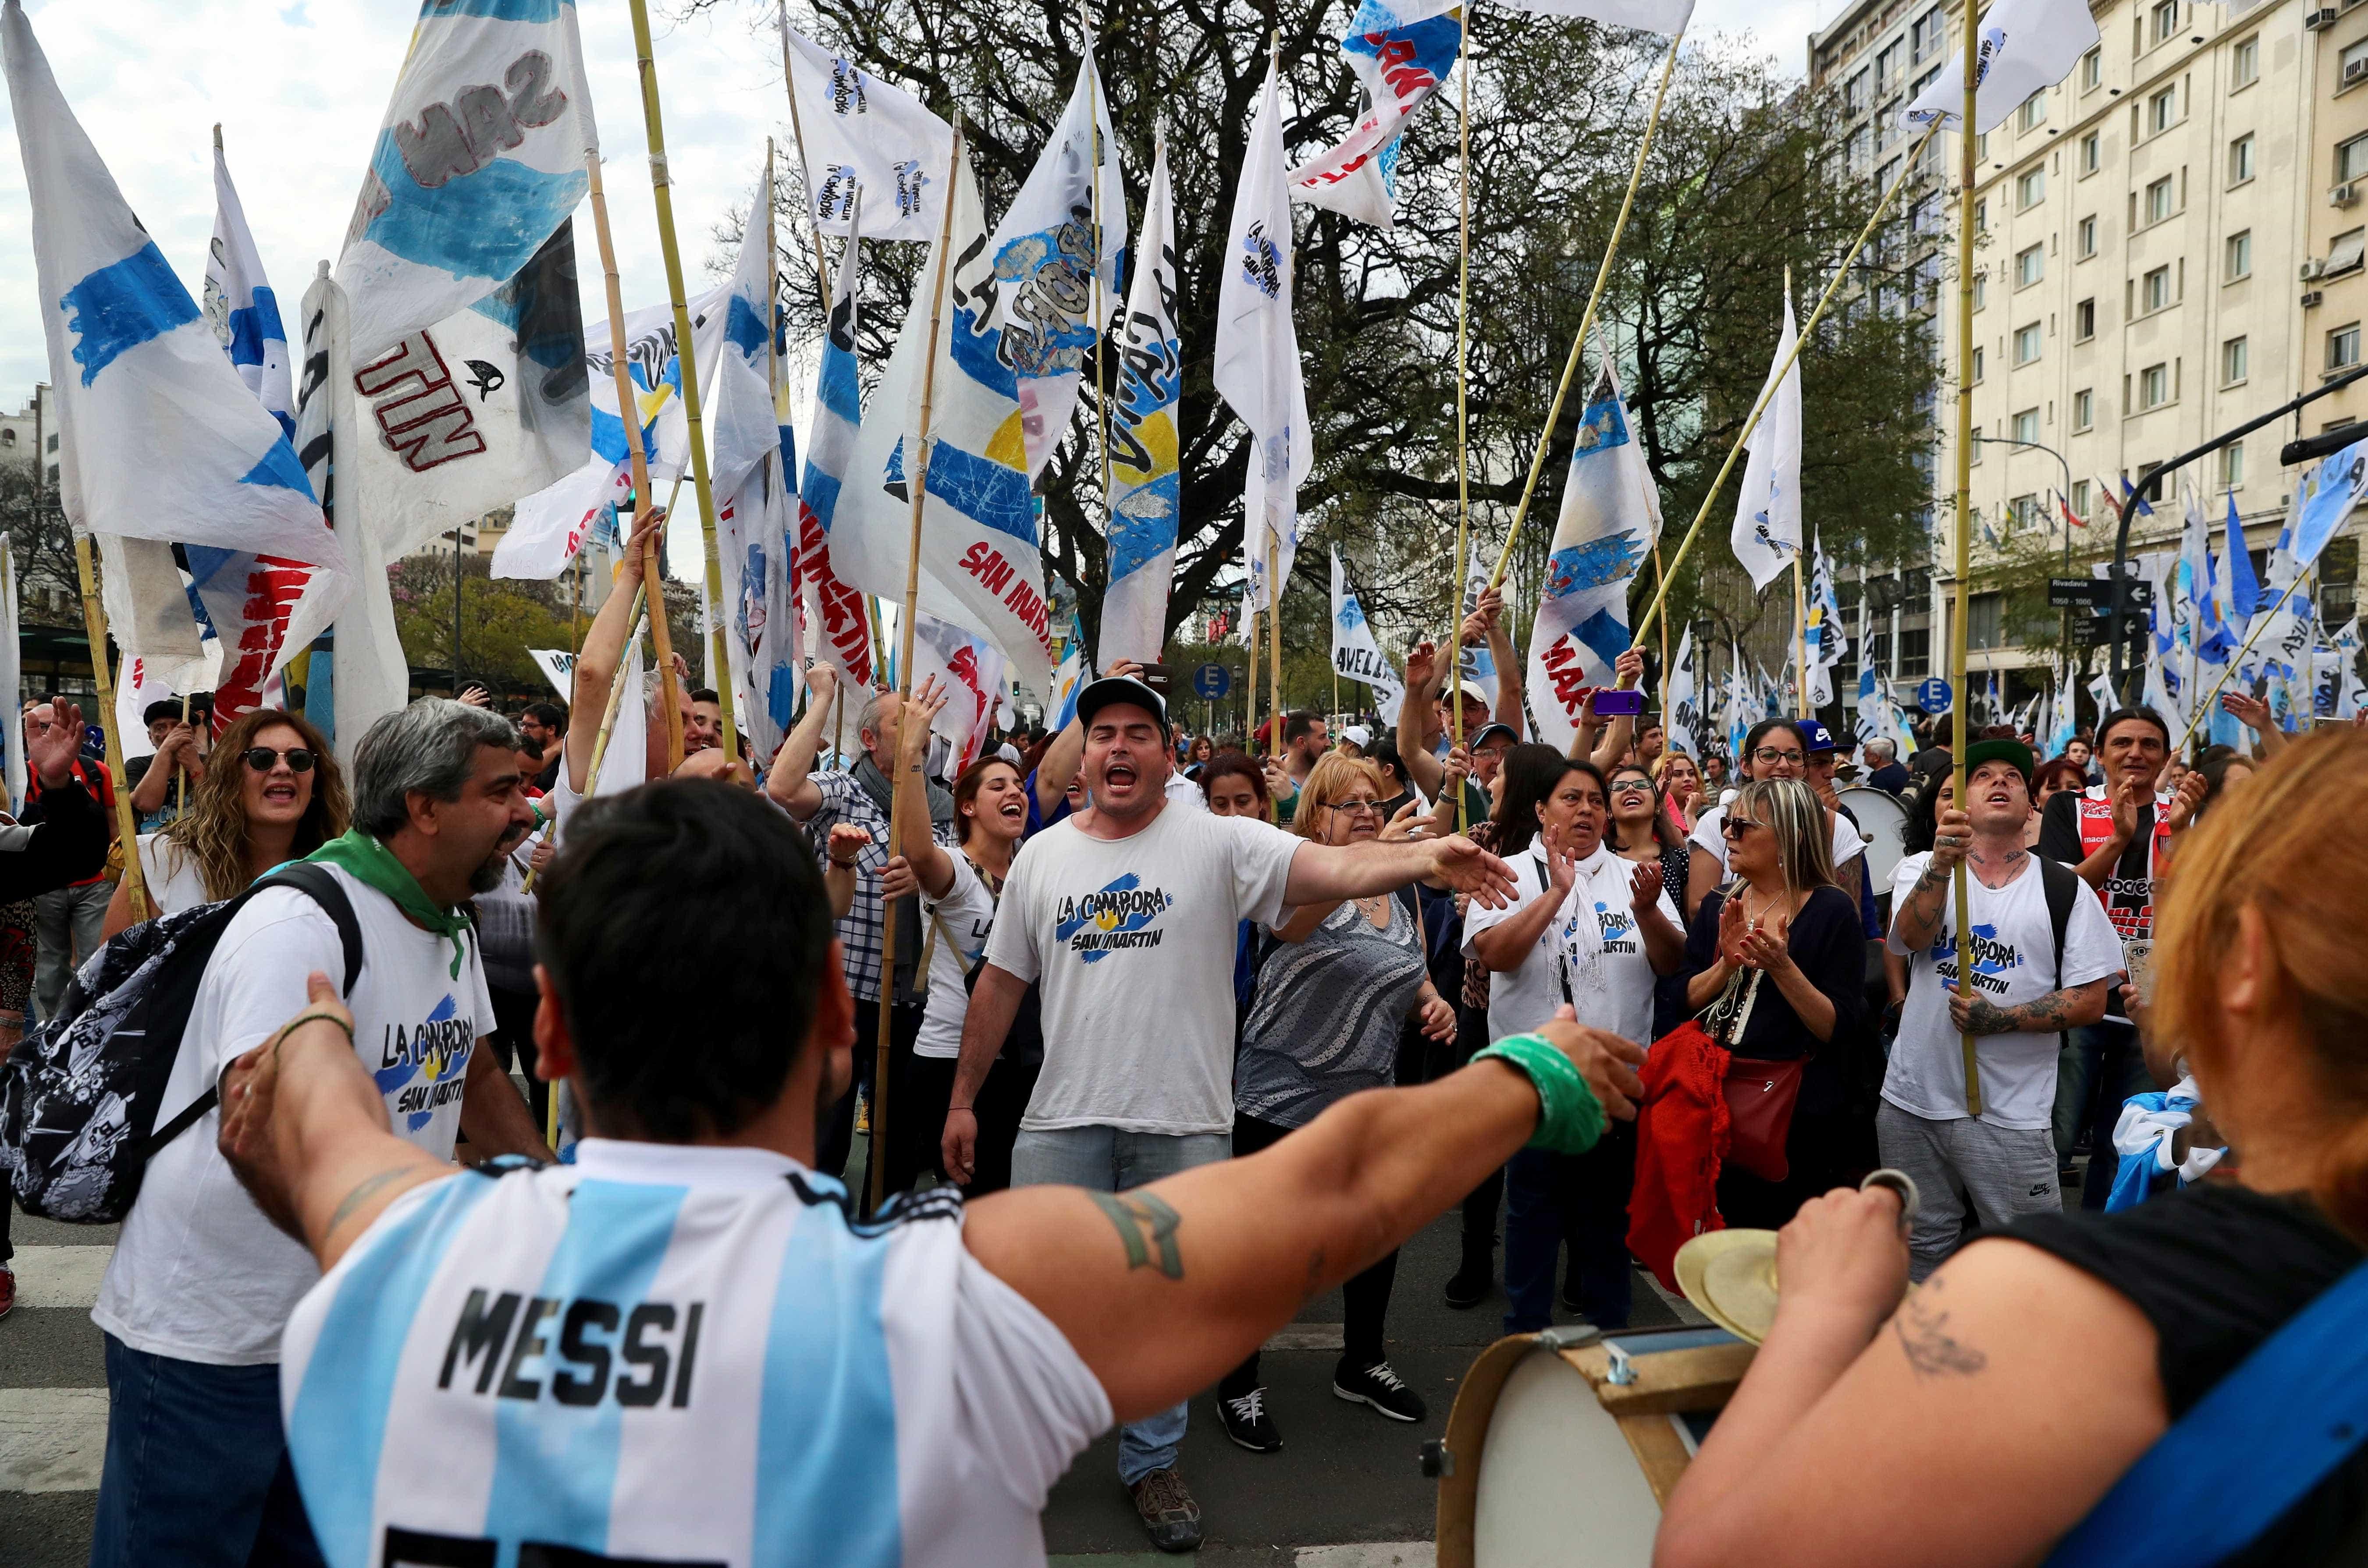 Argentinos fazem corrida a postos, bancos e mercados antes de greve